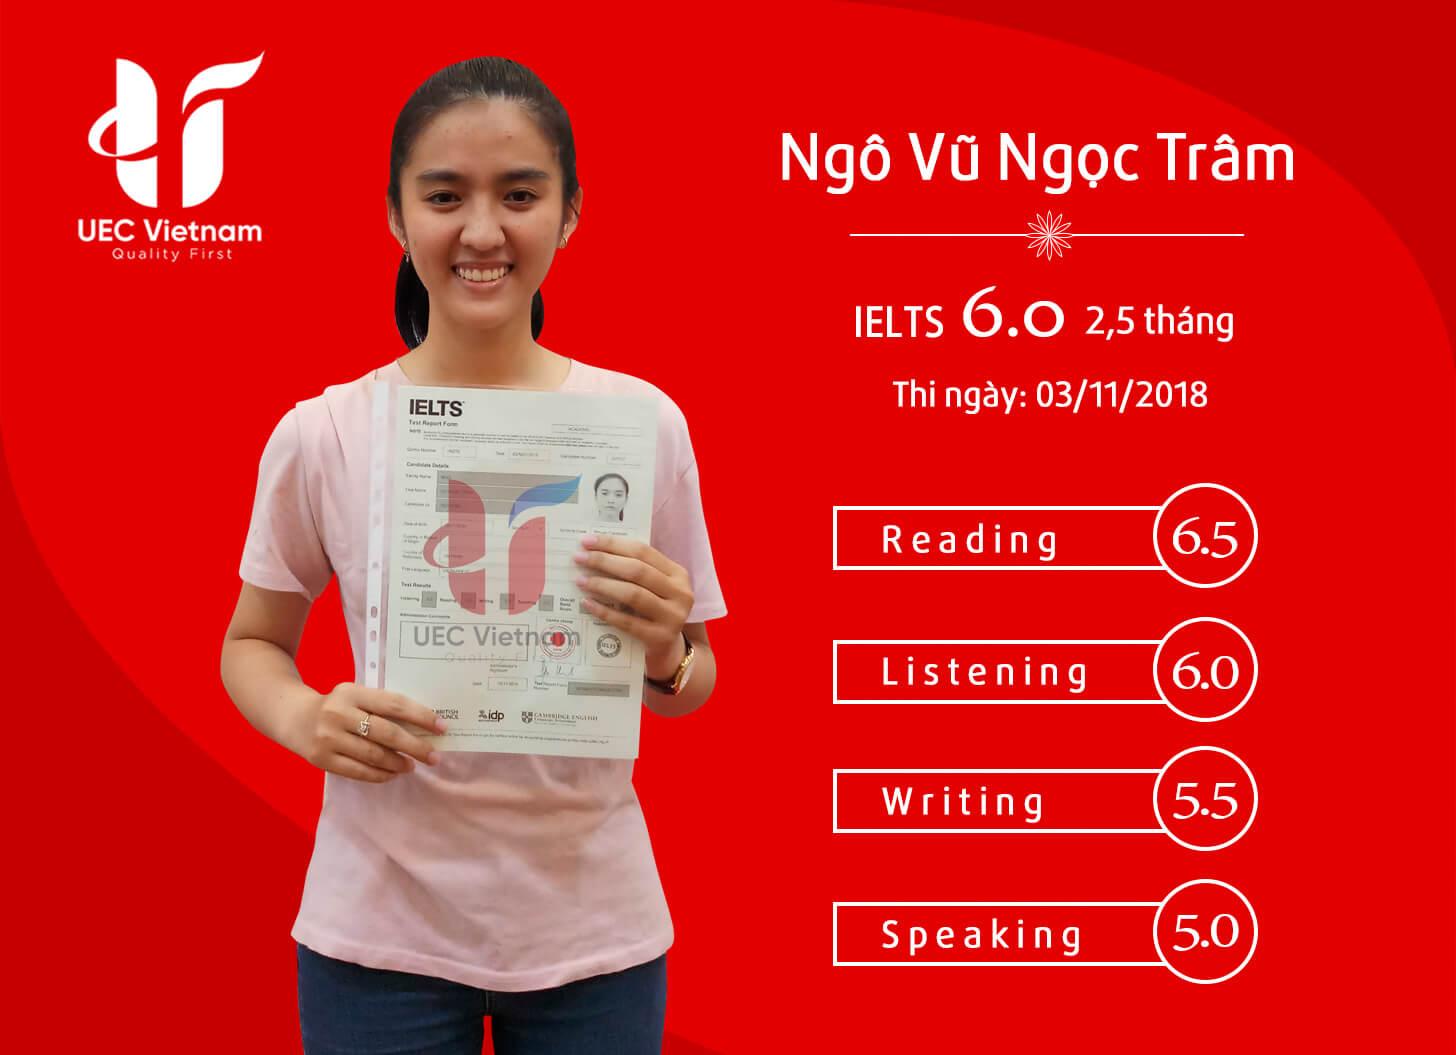 NGO VU NGOC TRAM - Địa chỉ học tiếng anh uy tín tại Đà Nẵng